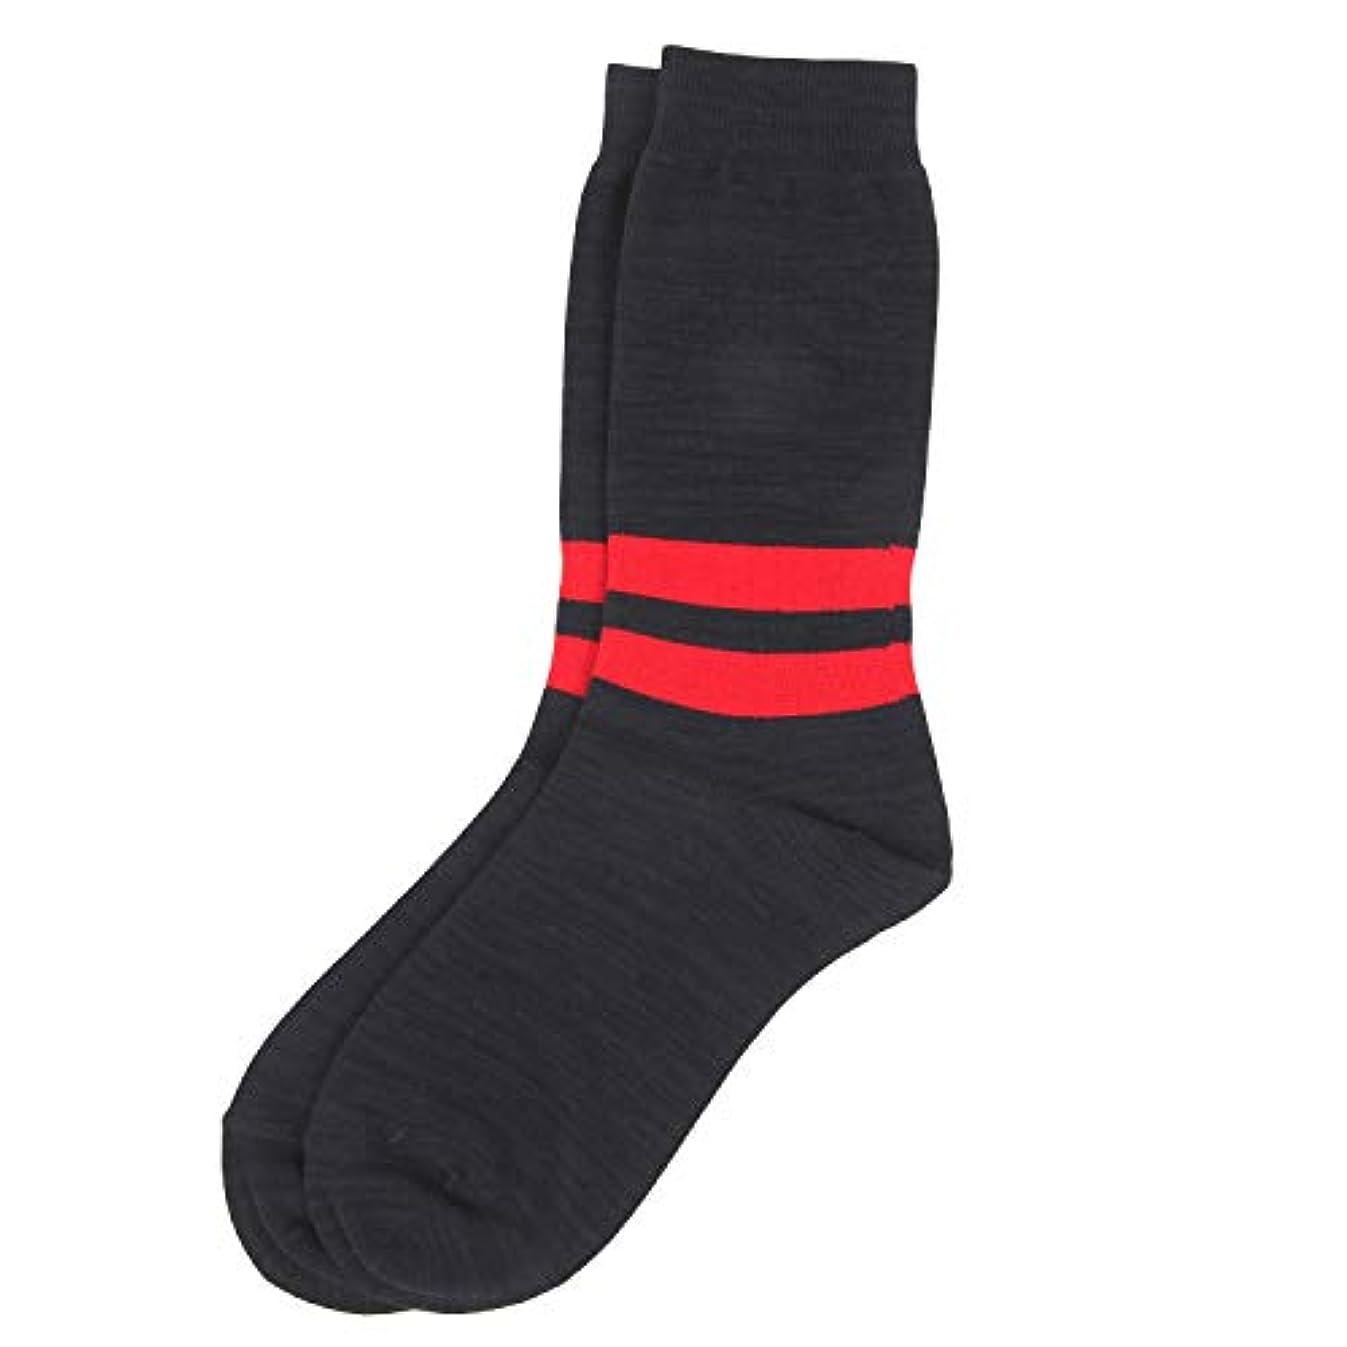 二層代わりの魔女Deol(デオル) ラインソックス 男性用 メンズ [足のニオイ対策] 長期間持続 日本製 無地 靴下 紺 25cm-27cm